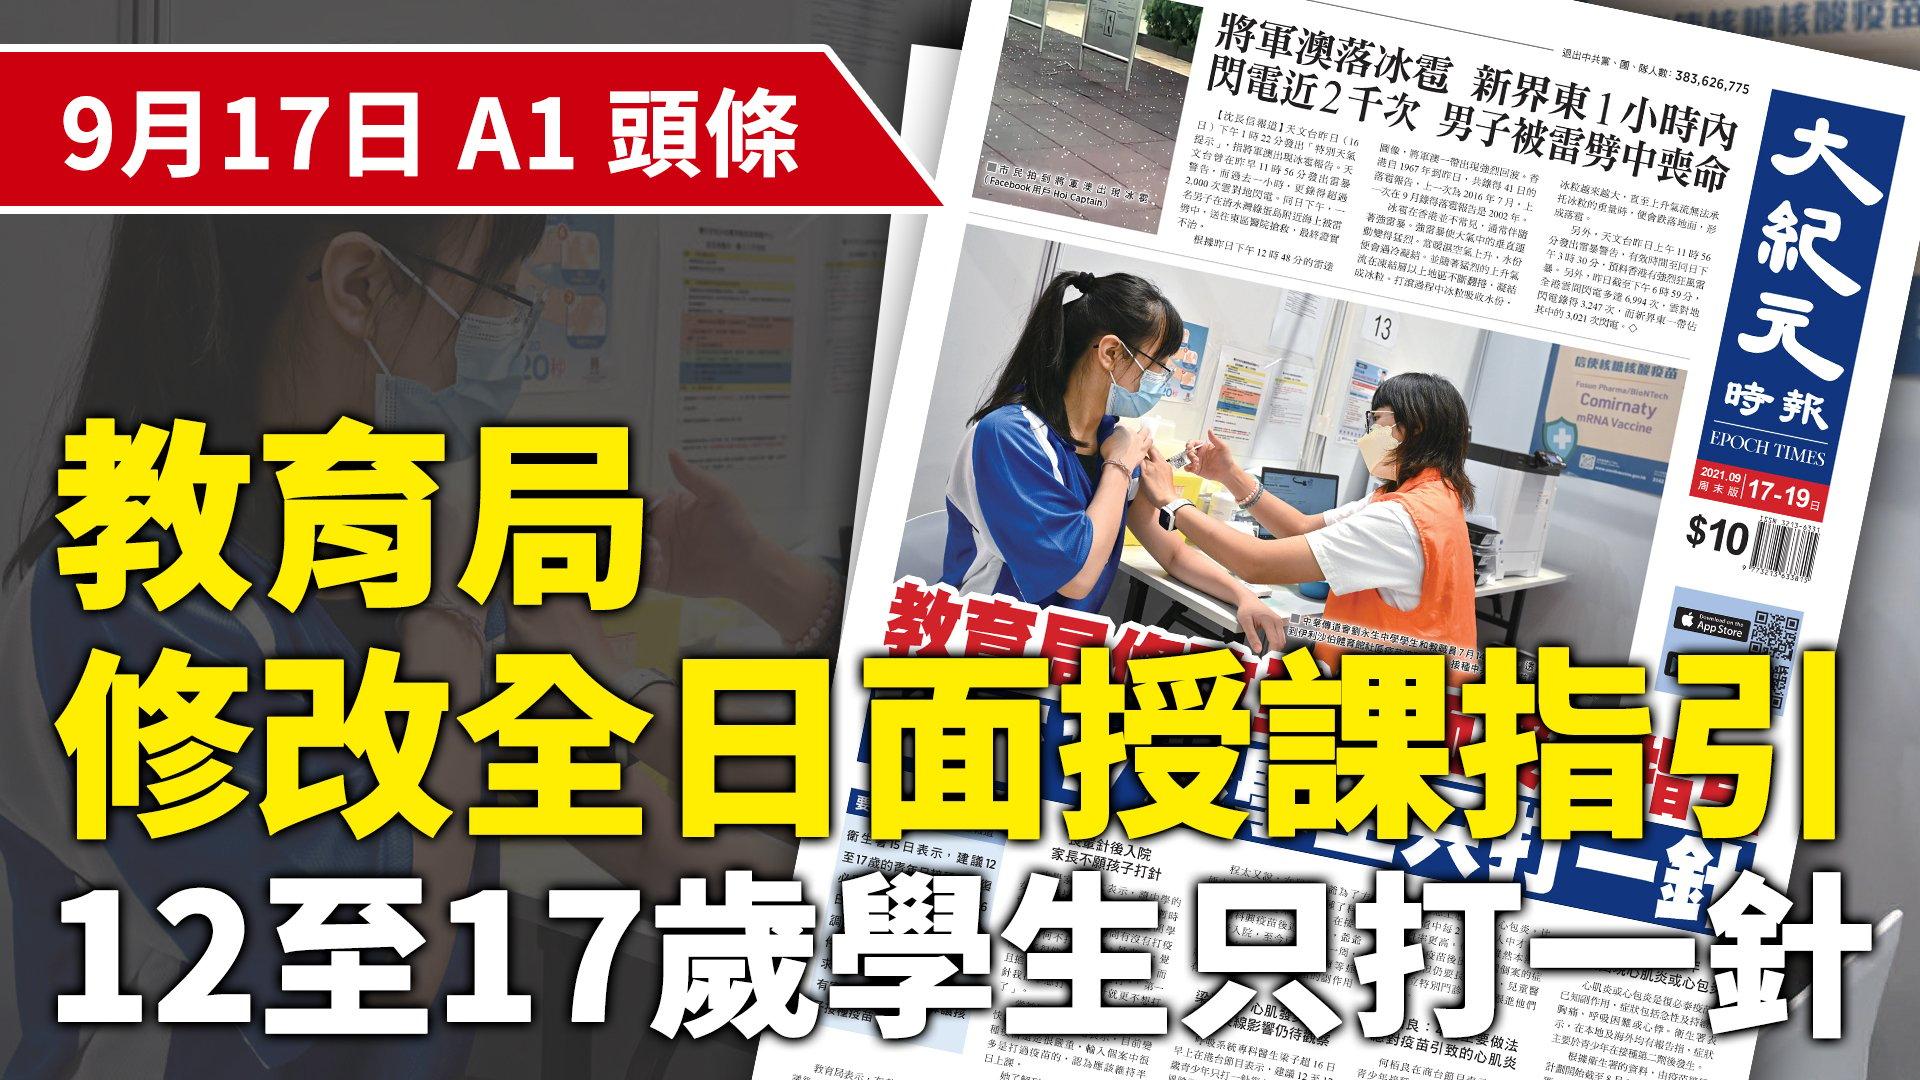 中華傳道會劉永生中學學生和教職員7月14日上午,透過團體預約形式到伊利沙伯體育館社區疫苗接種中心,接種中共病毒疫苗。(政府新聞處)